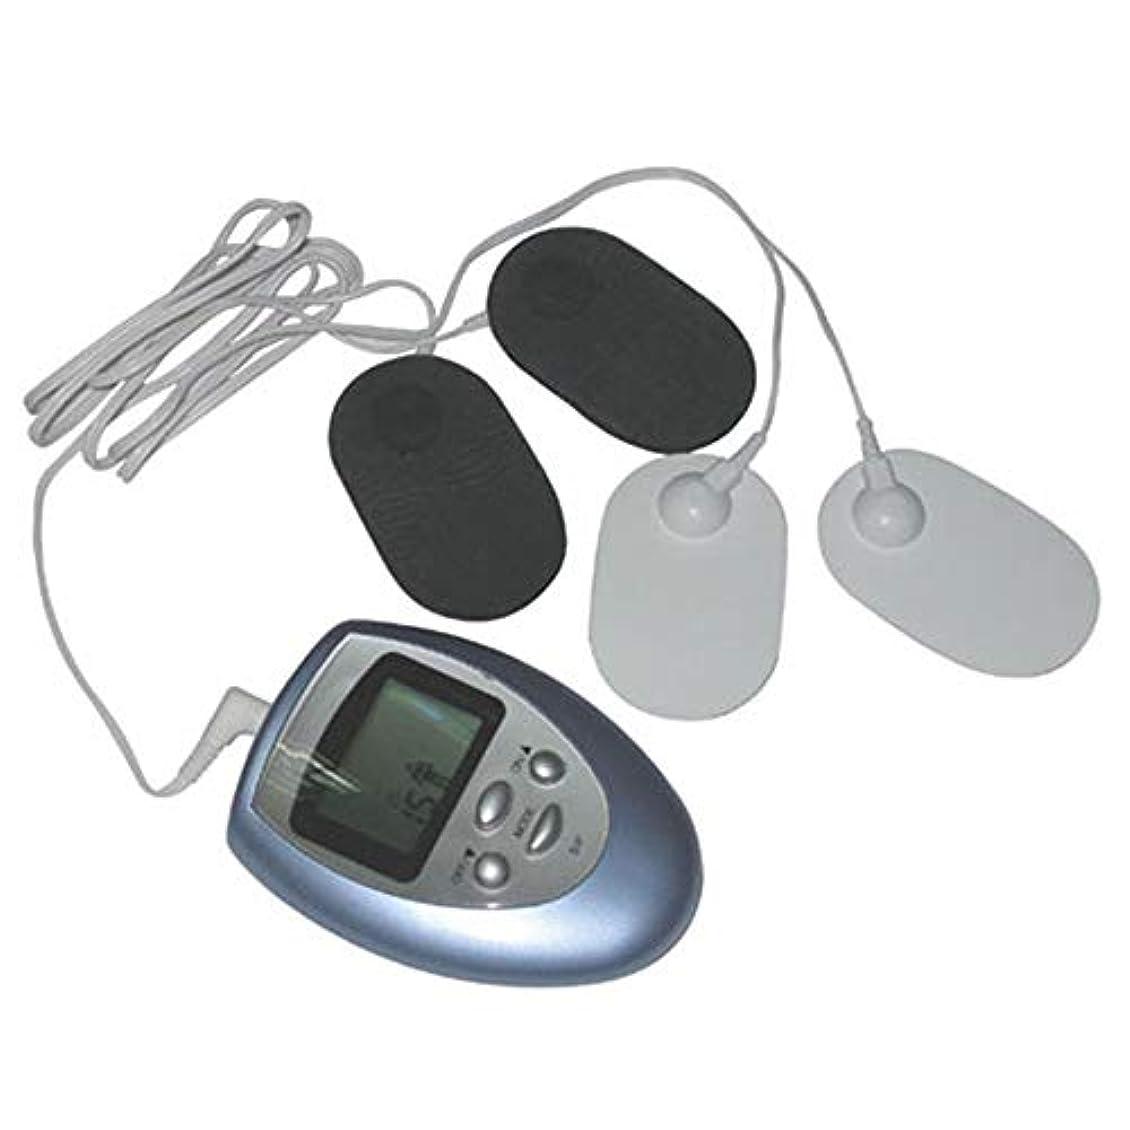 気分狂人中央ポータブル電気刺激装置、パルスマッサージャーマッスルスティミュレーター4個のパッドを備えたユニット8個の痛みを軽減するためのモードブルー